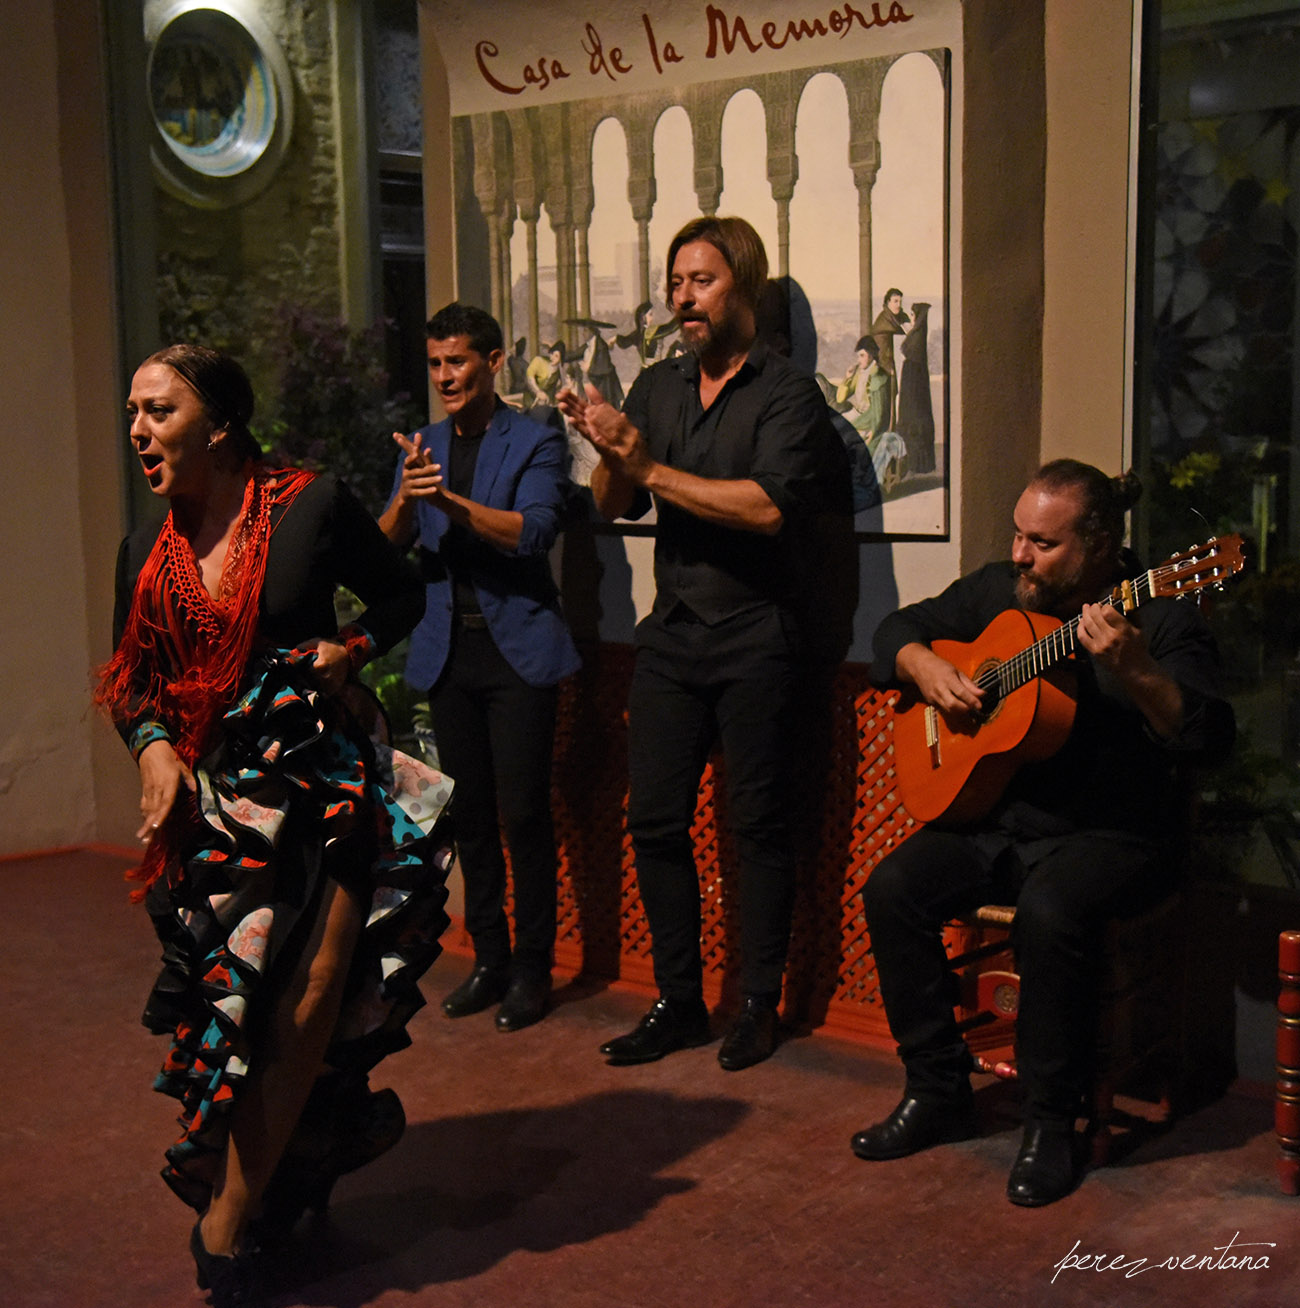 Al baile, Asunción Pérez Choni. Semblanza Flamenca. Casa de la Memoria, Sevilla. Foto: Quico Pérez-Ventana